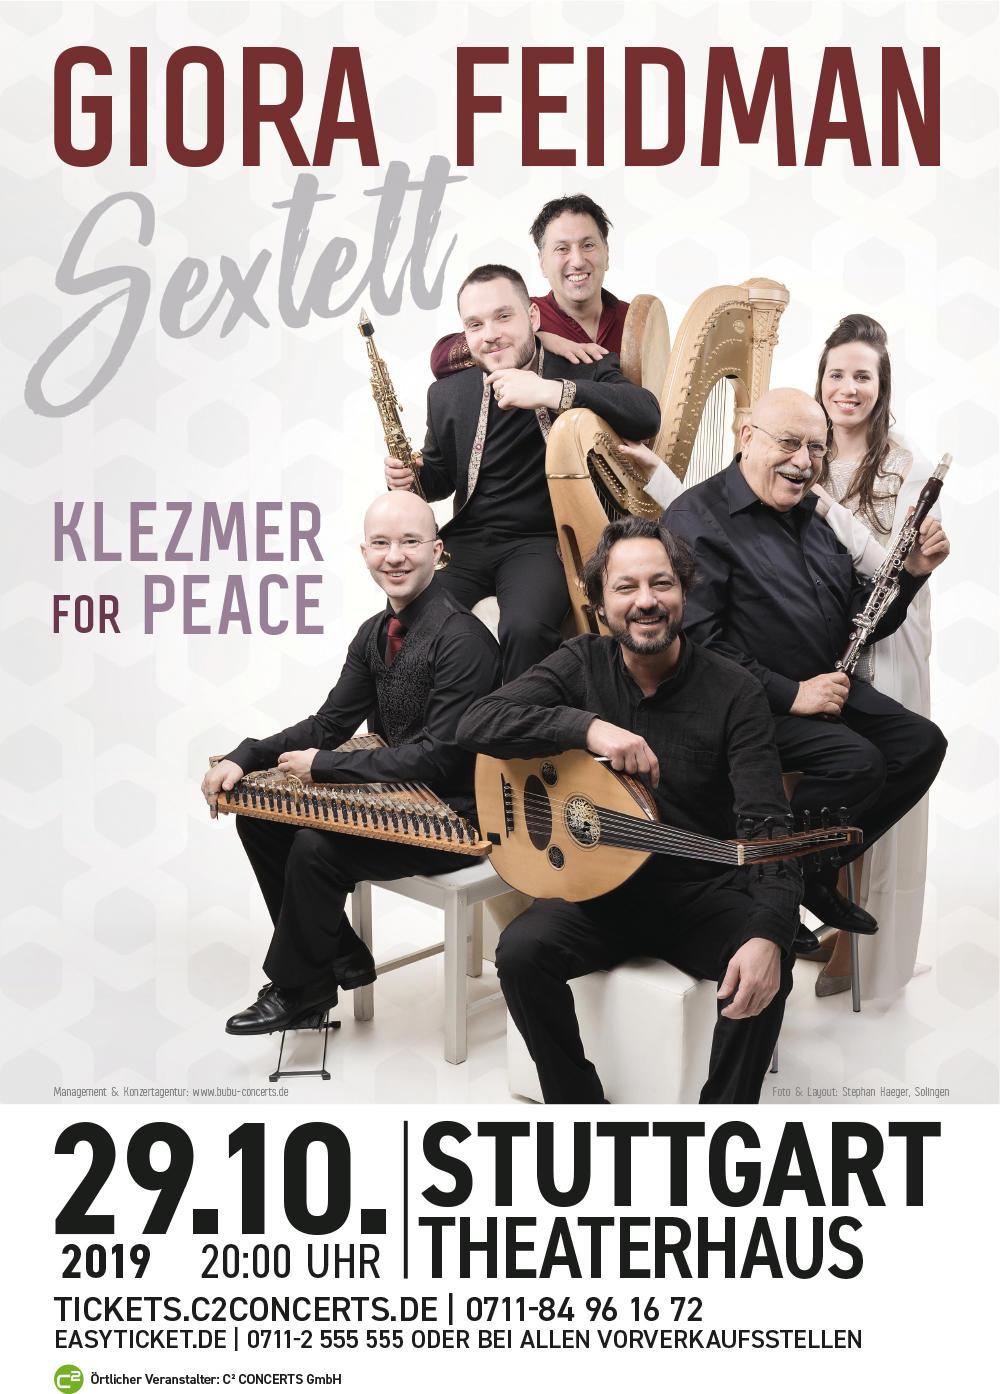 GIORA FEIDMAN SEXTETT Tickets